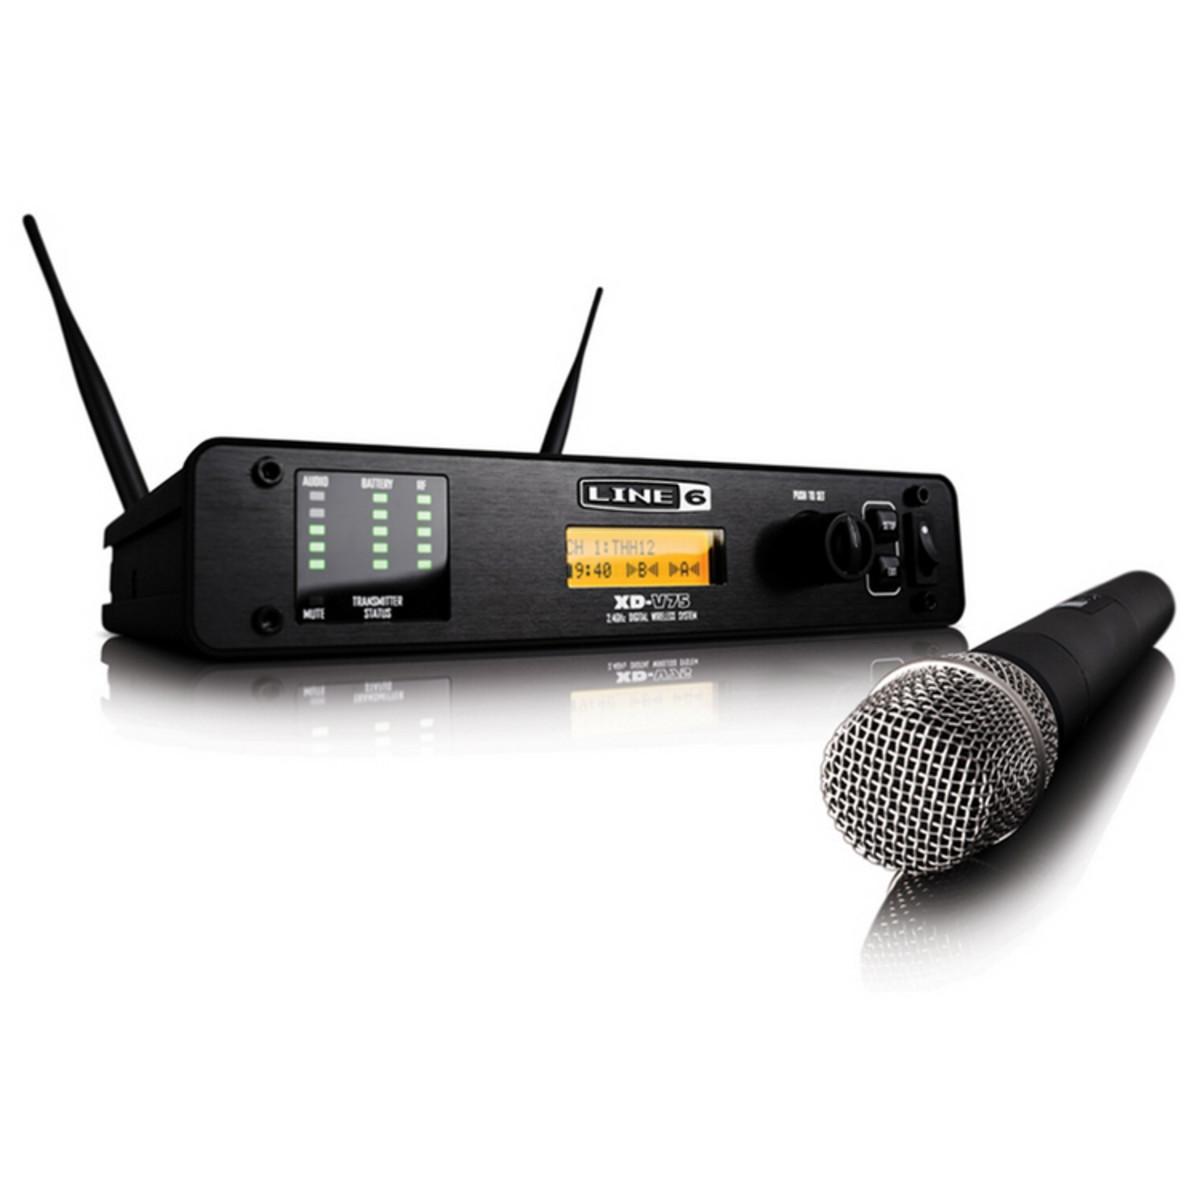 LINE6 XDV 75 вокальная истинно диверситивная радиосистема